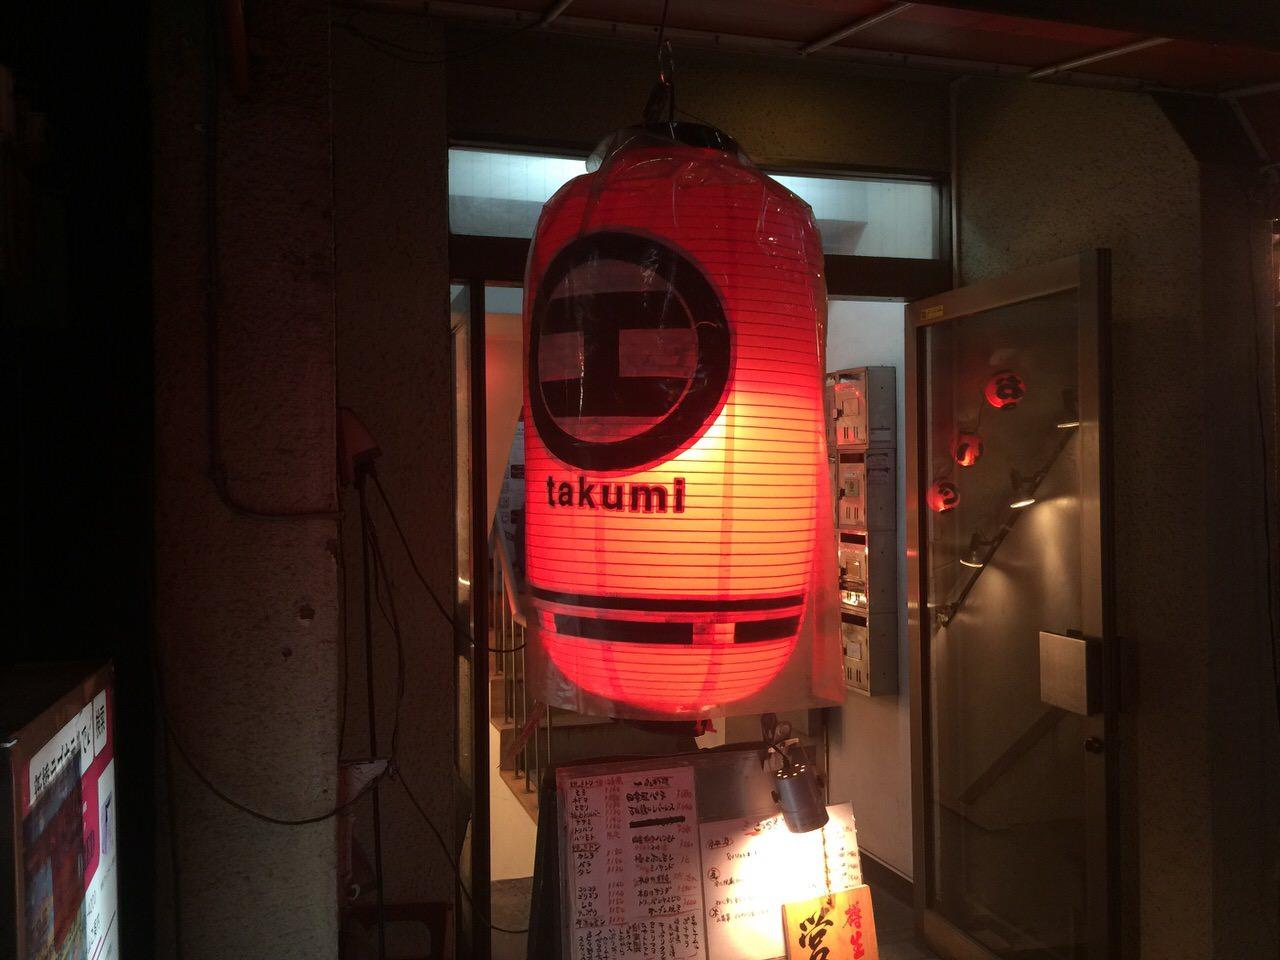 Takumi shinbashi 7200